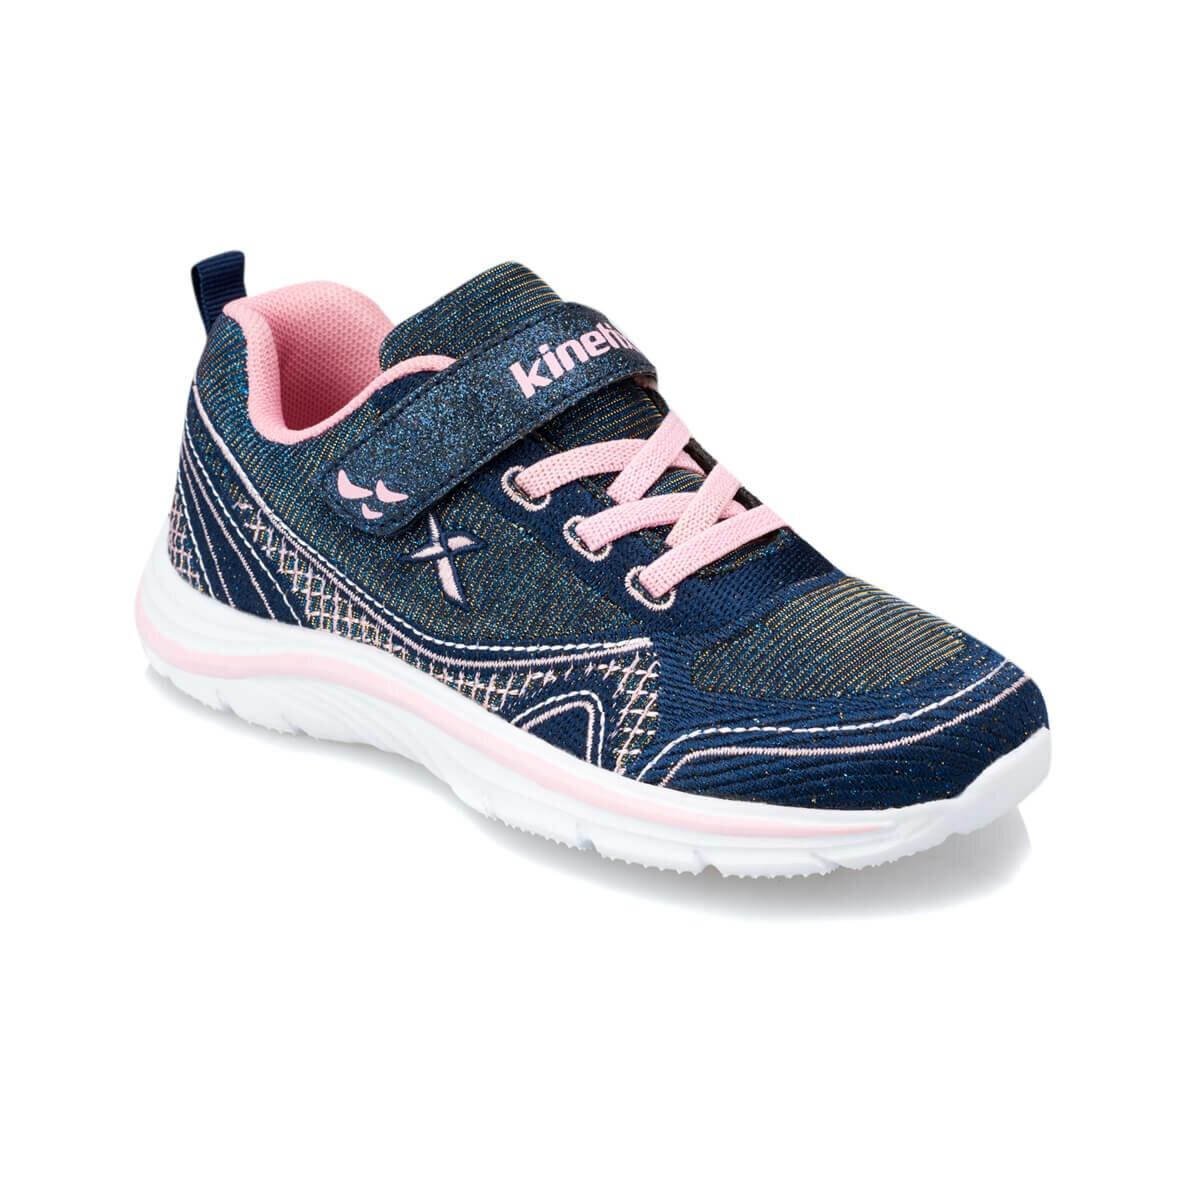 FLO LARRY Navy Blue Female Child Walking Shoes KINETIX